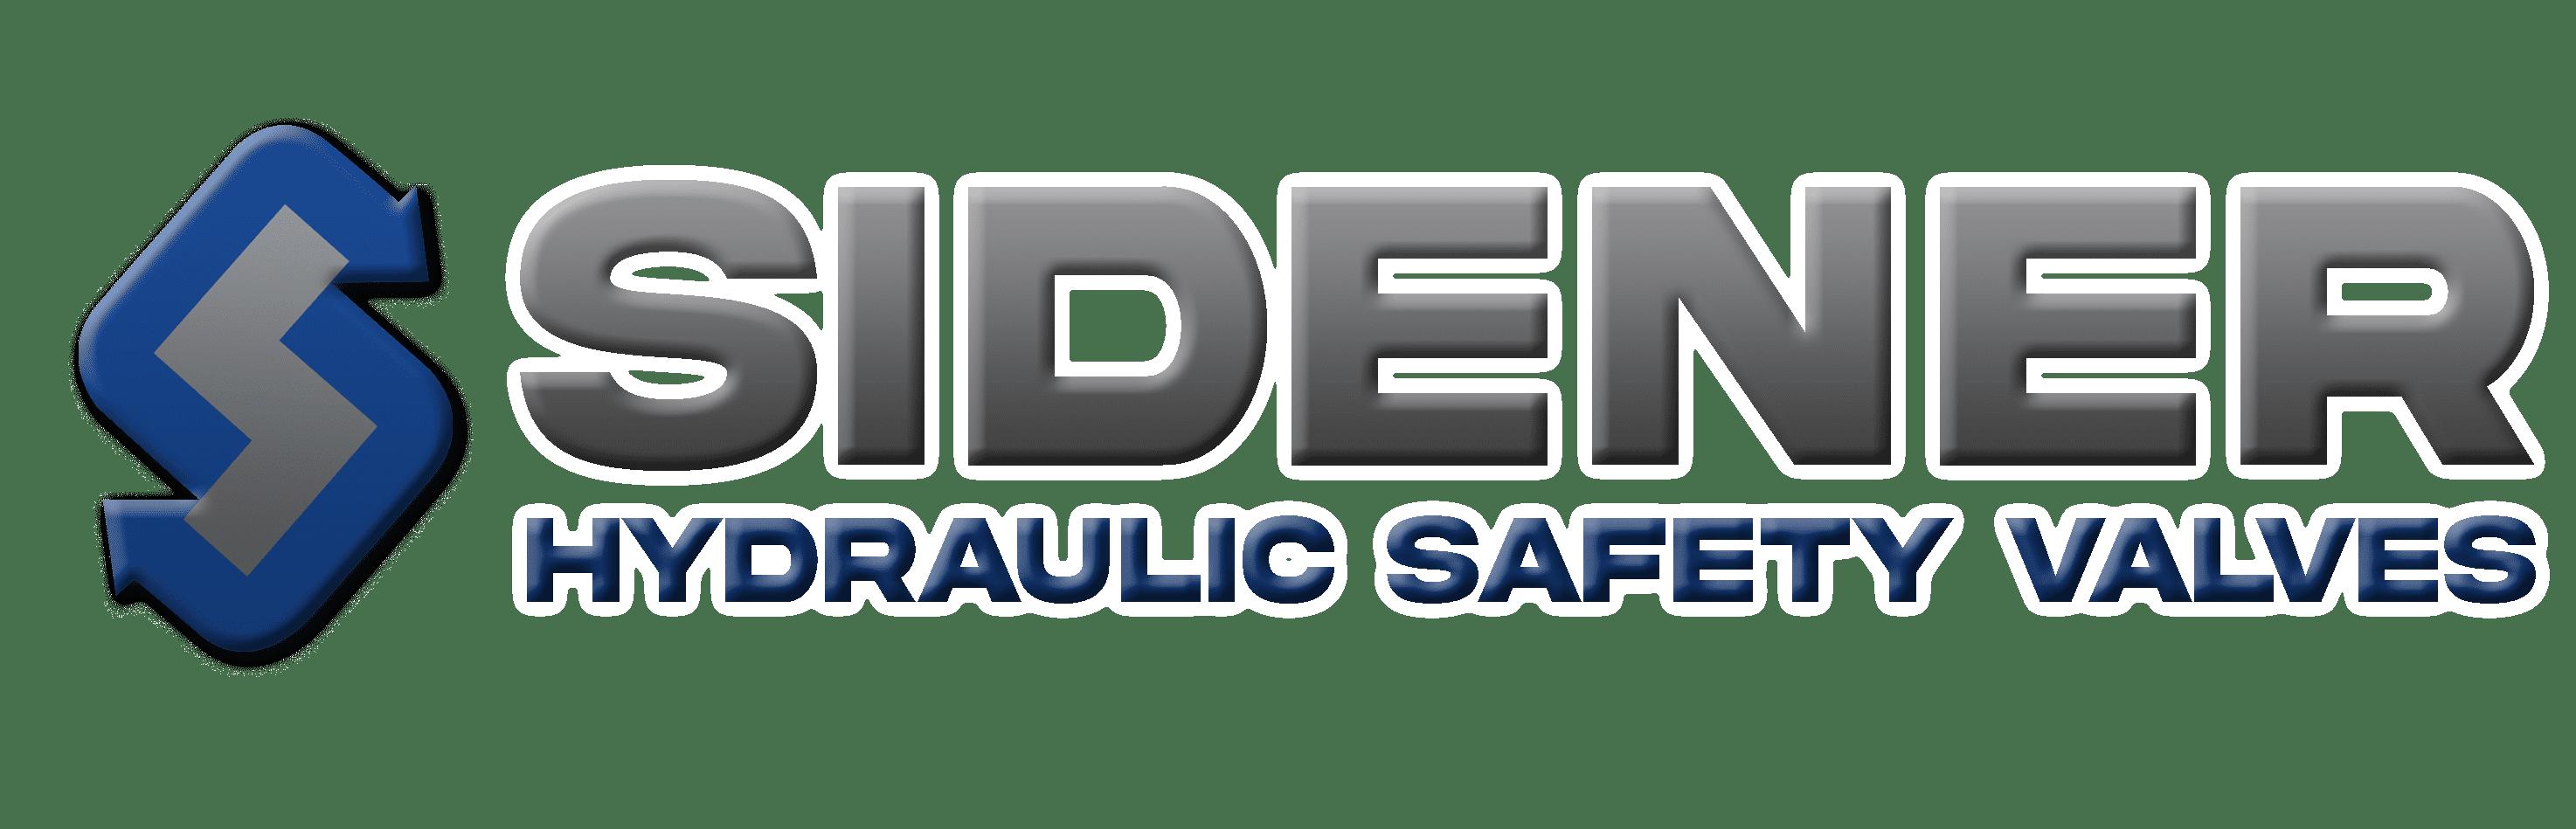 Sidener Hydraulic Safety Valves